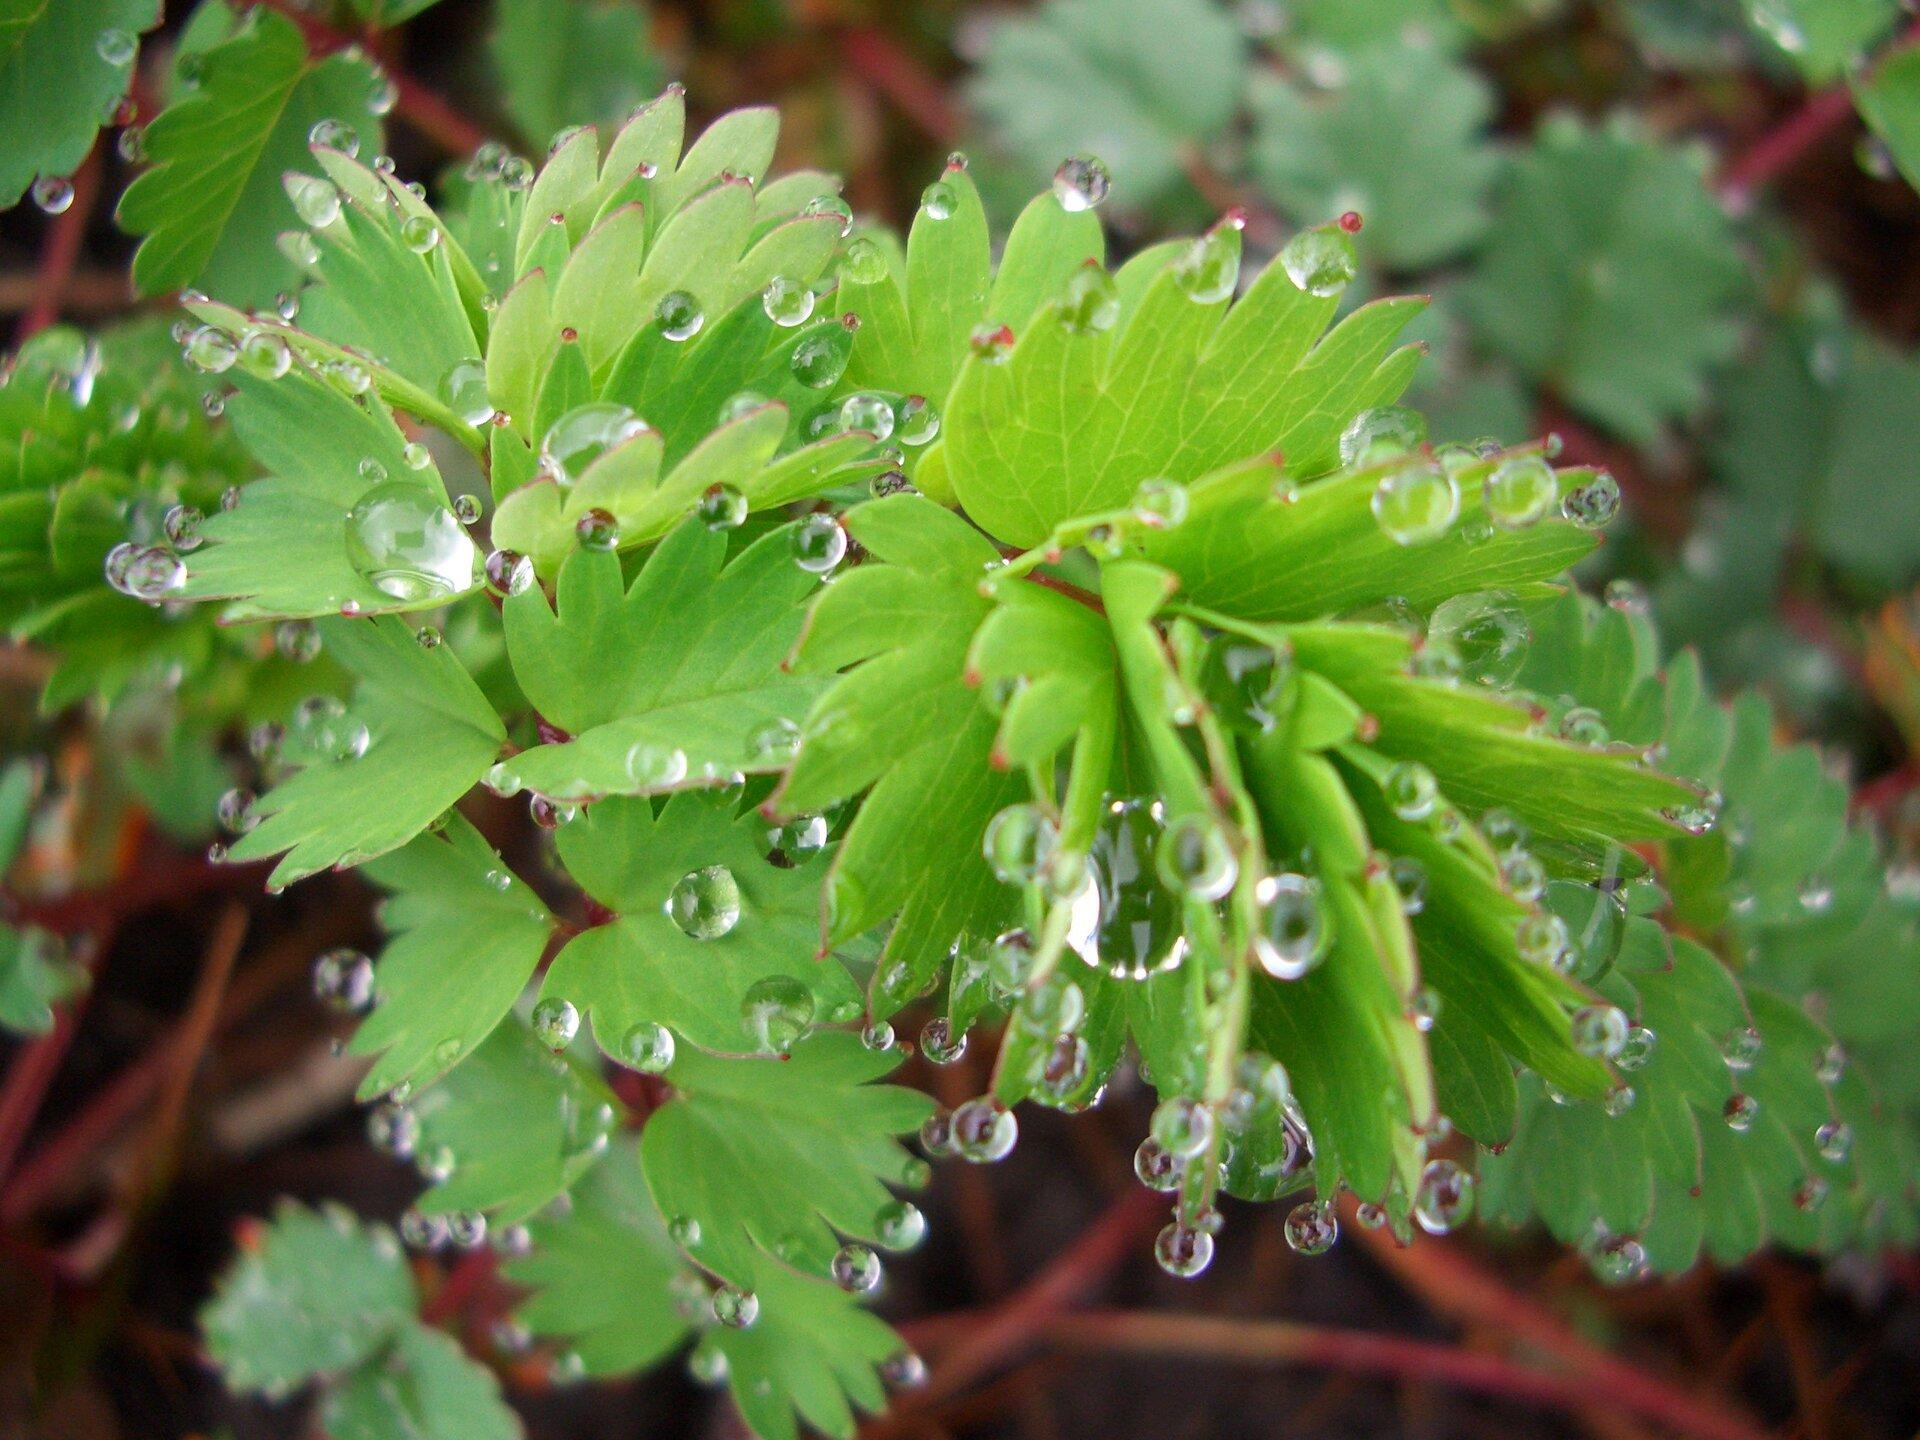 Fotografia przedstawia jasnozielone liście na cienkich, czerwonawych łodygach. Na krawędzi blaszki liściowej zebrały się liczne małe krople wody. Roślina wydziela nadmiar wody.